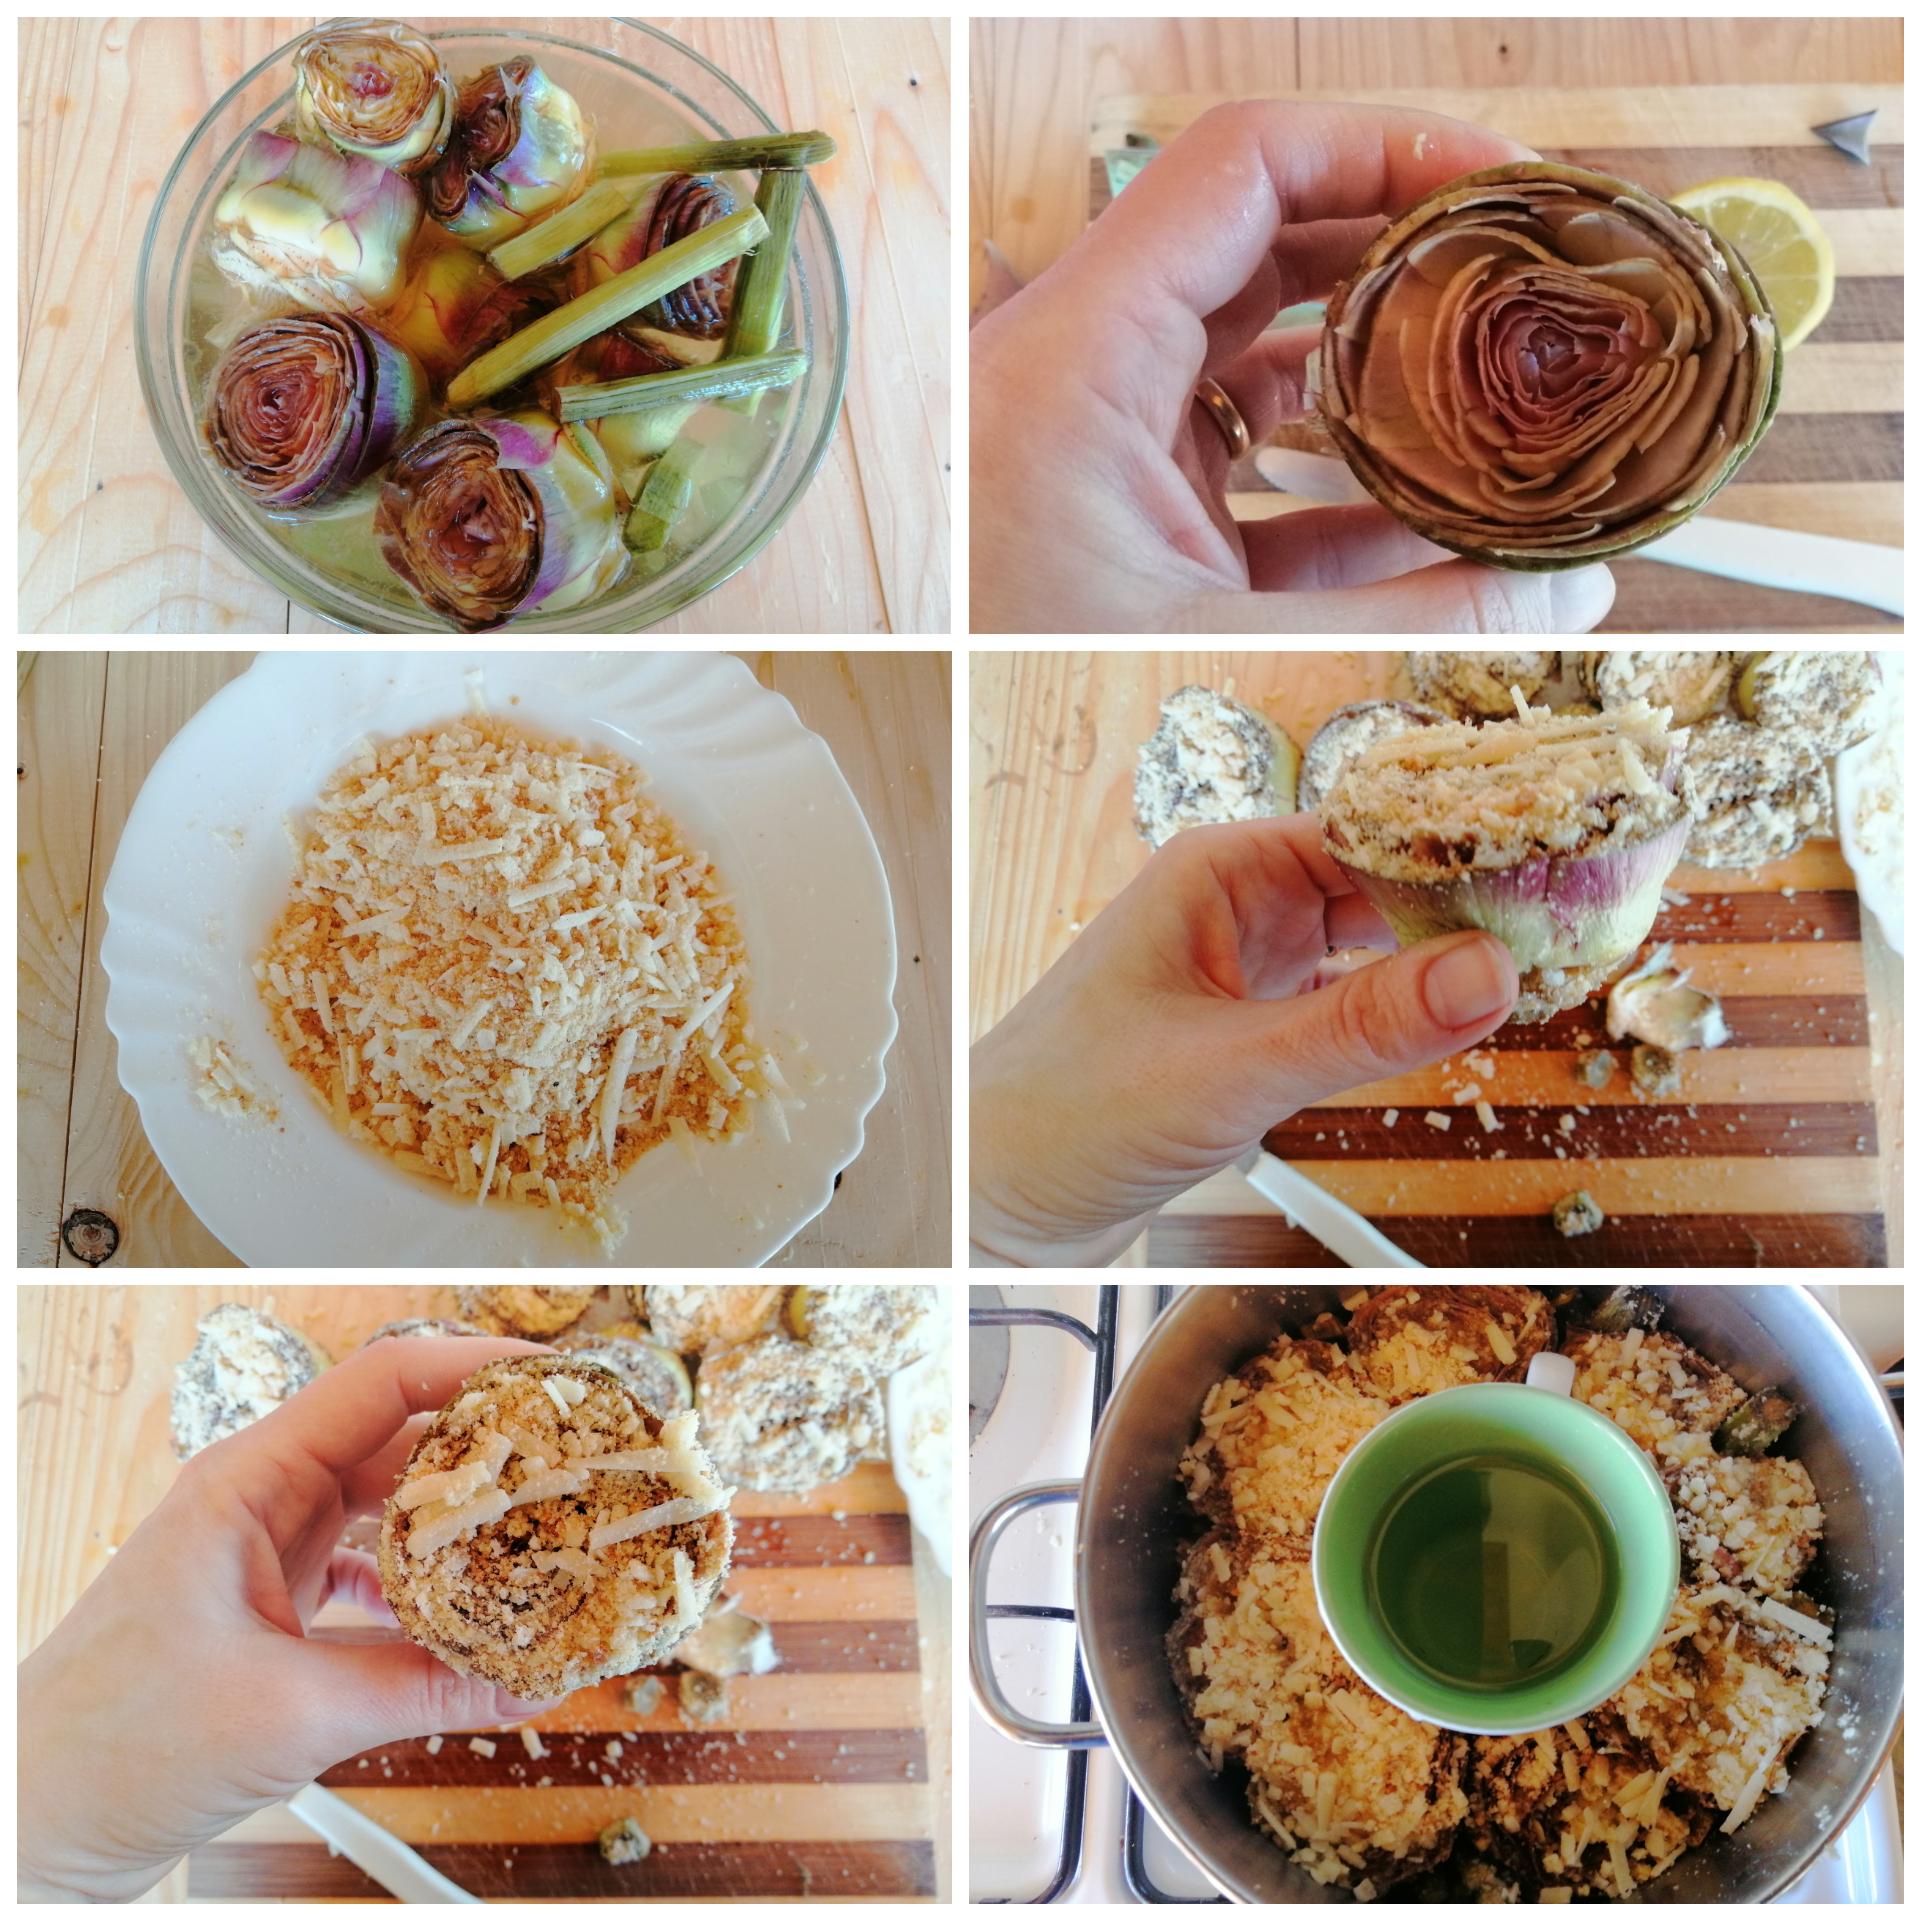 Carciofi ripieni in padella con pangrattato e parmigiano: preparazione...